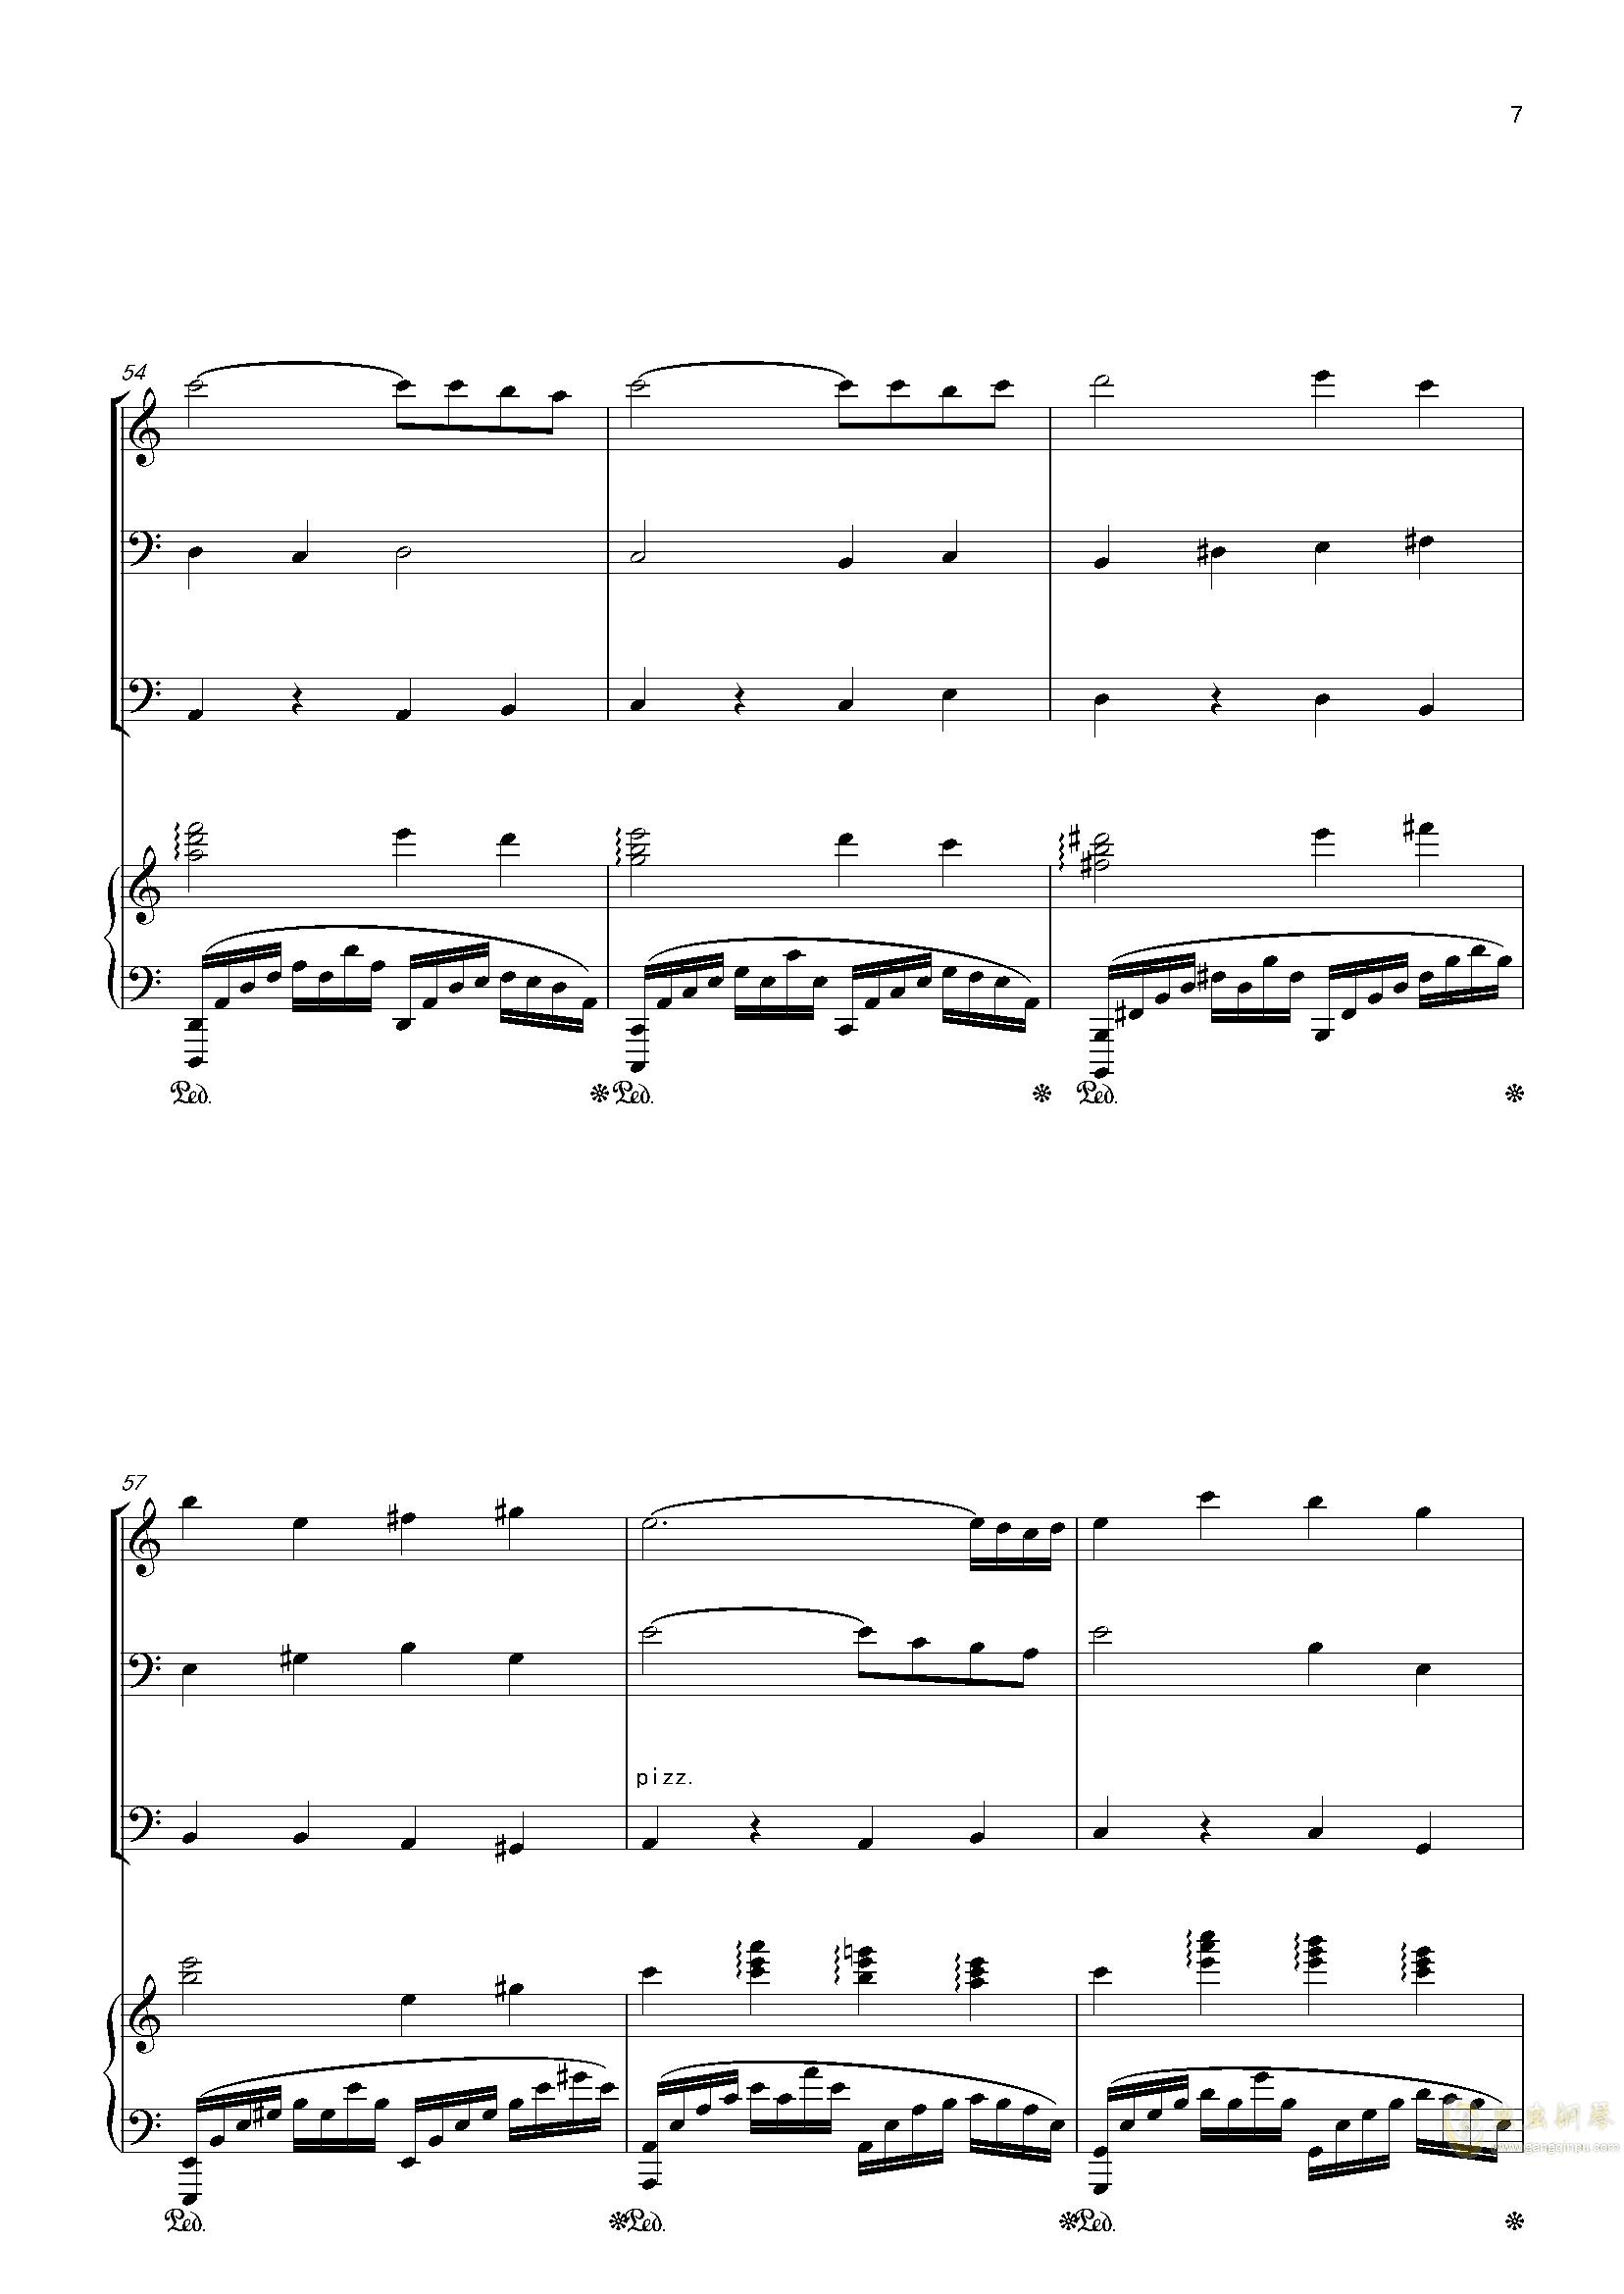 零落钢琴谱 第7页